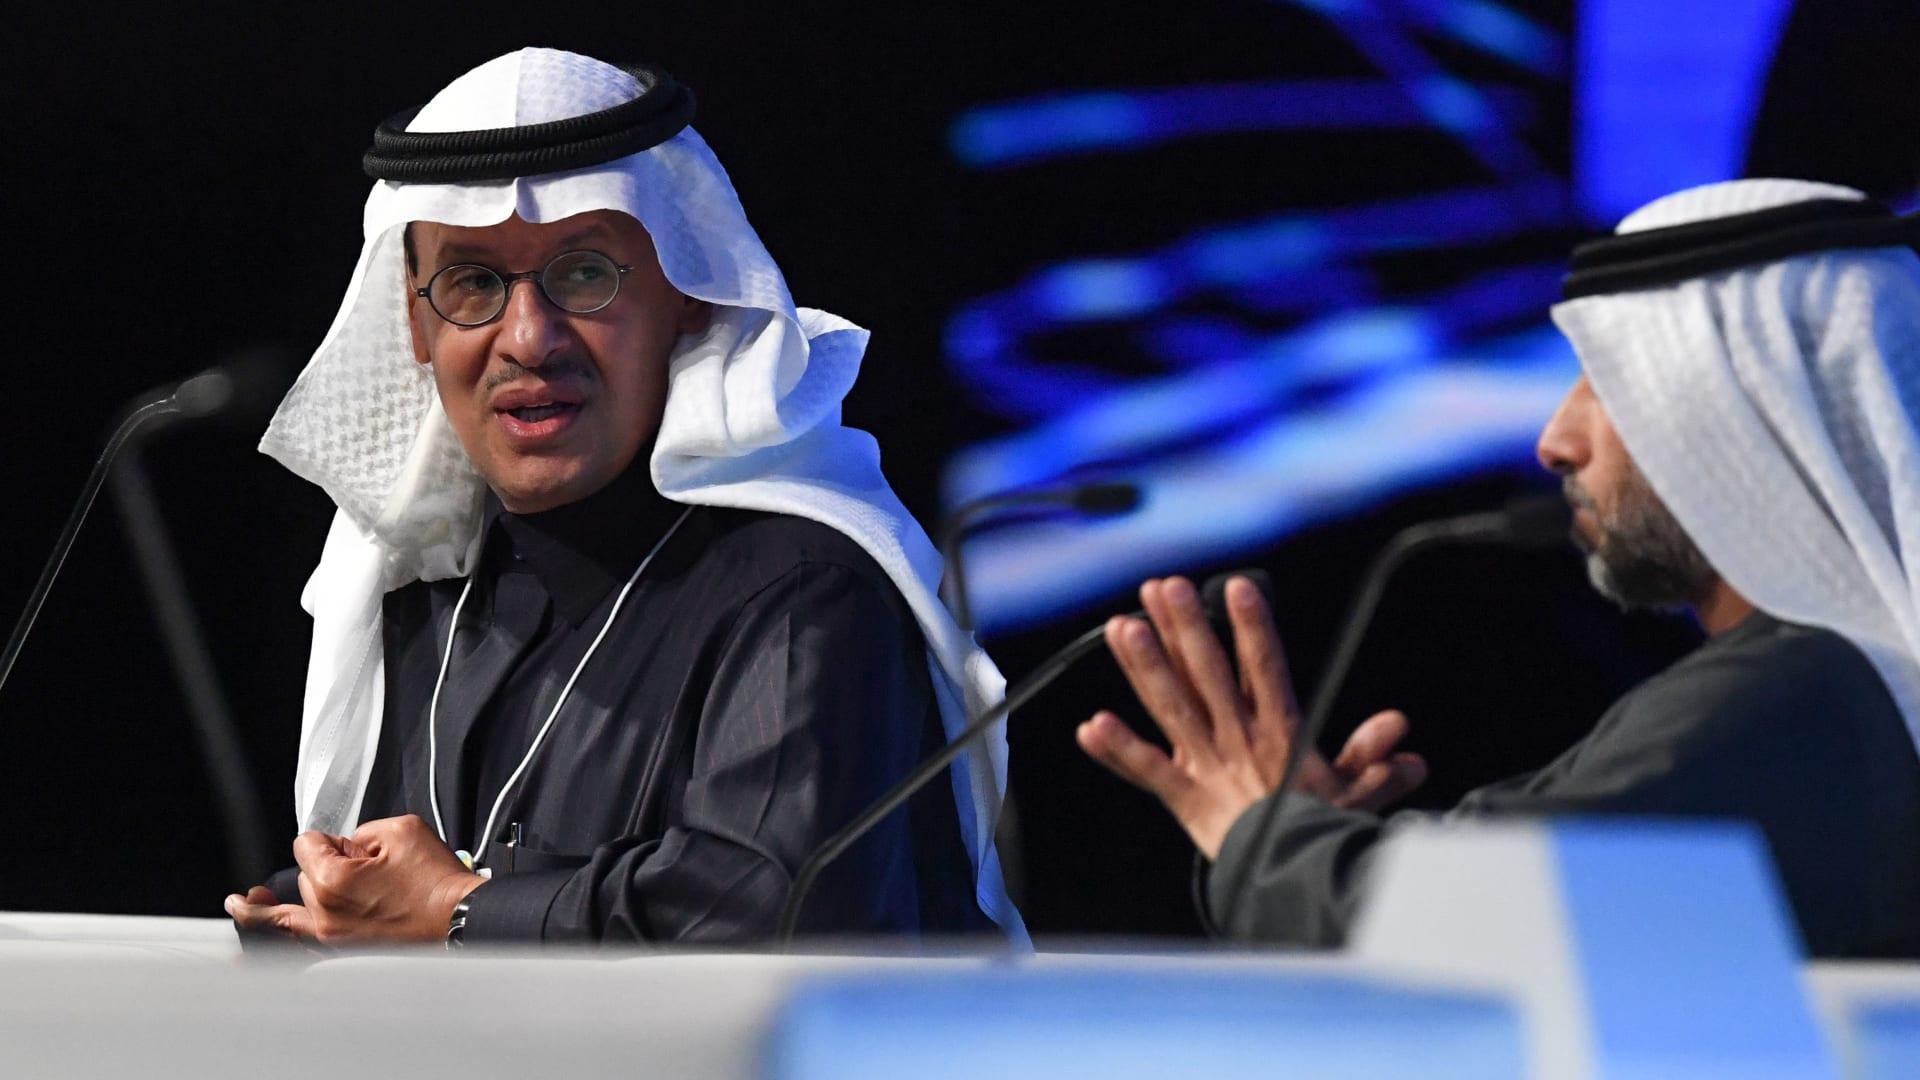 وزير الطاقة السعودي الأمير عبد العزيز بن سلمان آل سعود (إلى اليسار) ووزير الطاقة والصناعة الإماراتي سهيل المزروعي يحضران قمة مستقبل الاستدامة في مركز أبوظبي الوطني للمعارض في 14 يناير 2020